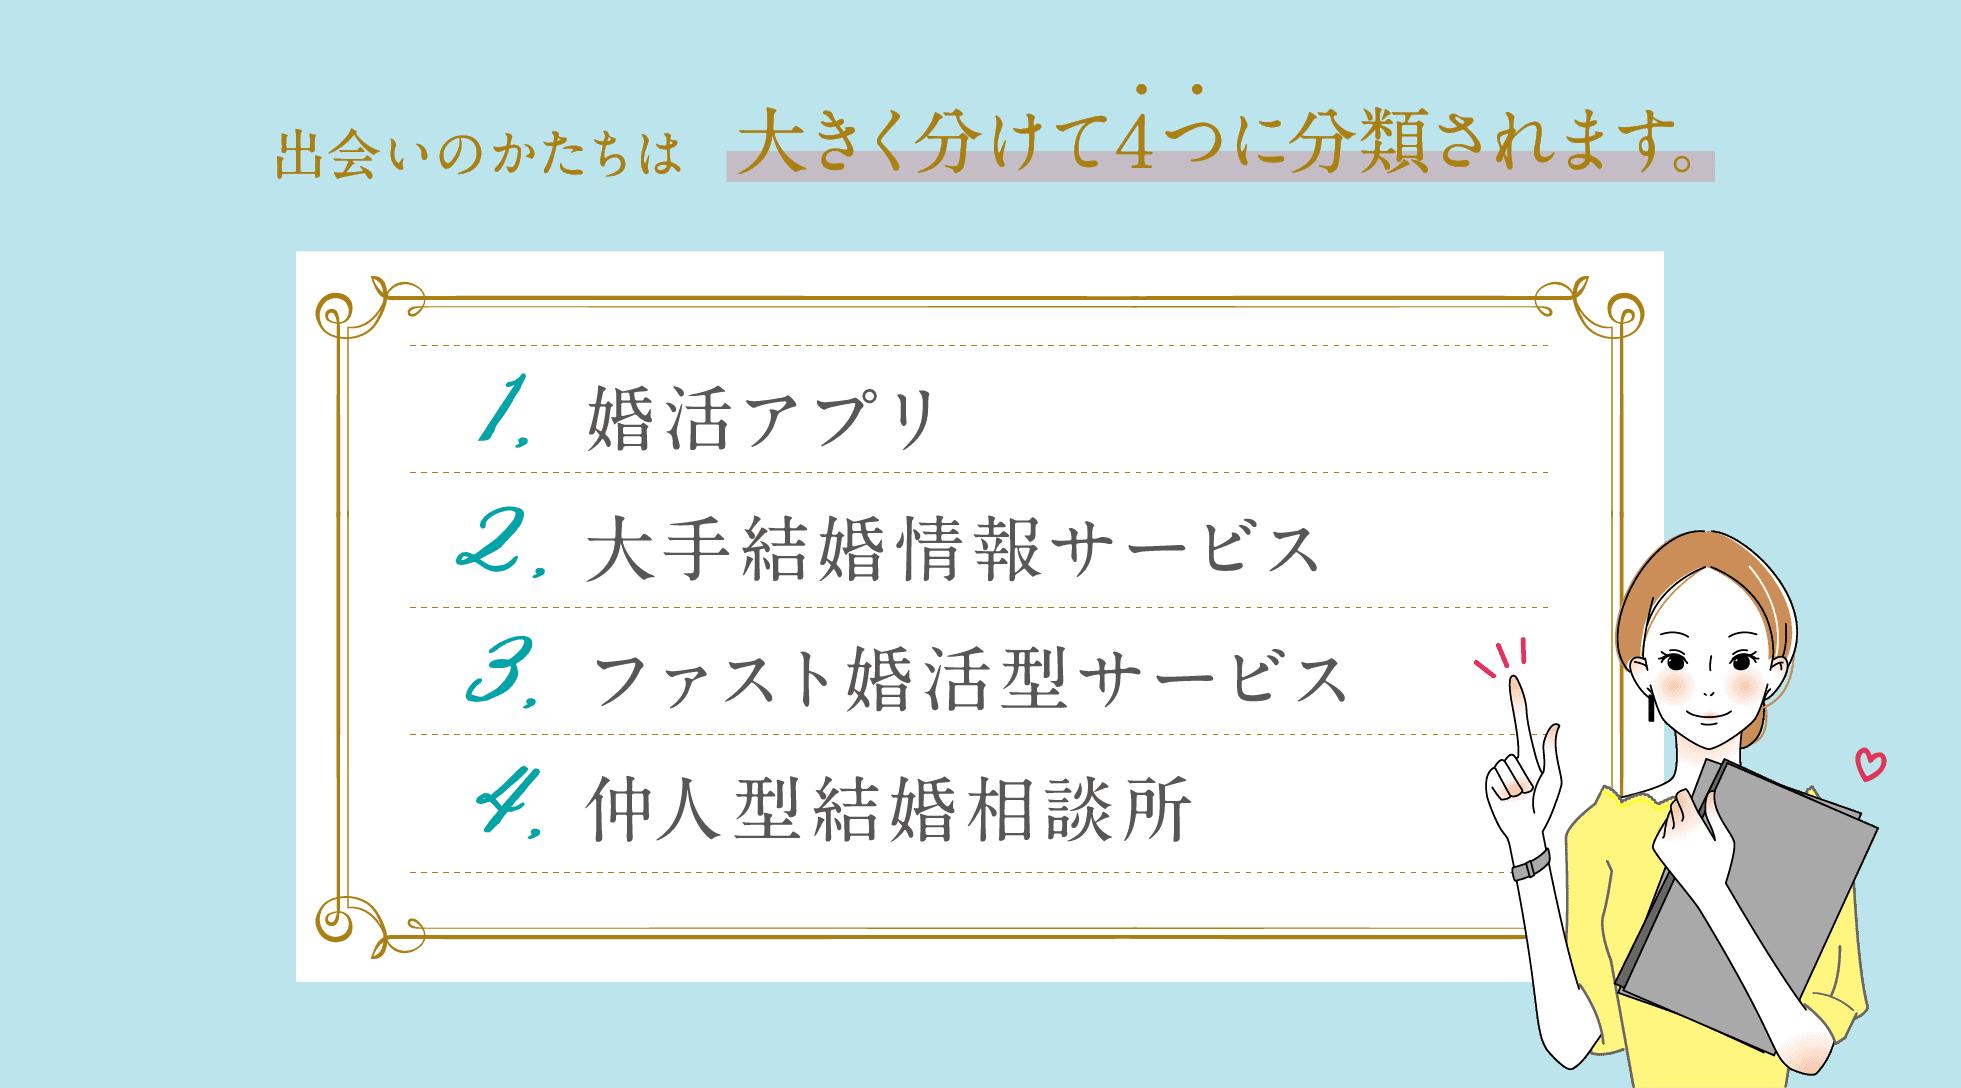 ganmi,婚活,出合いの形は大きく分けて4つに分類されます。